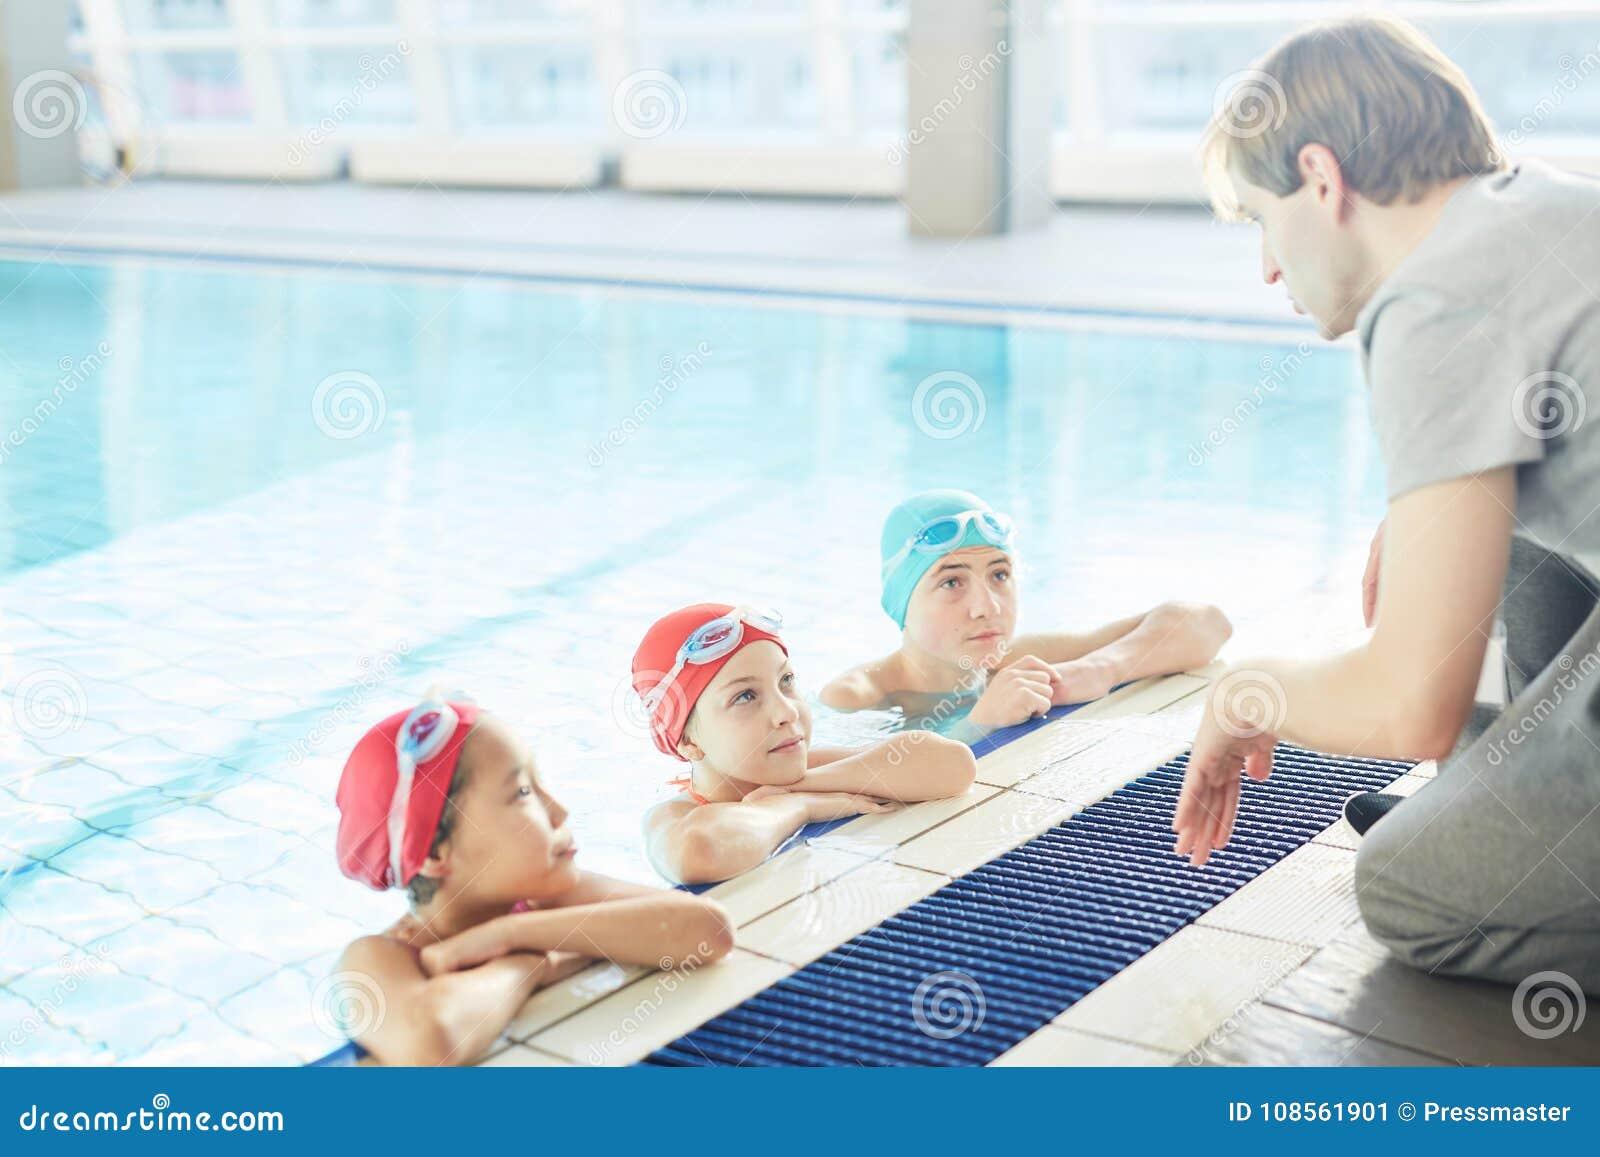 Kurs av simning